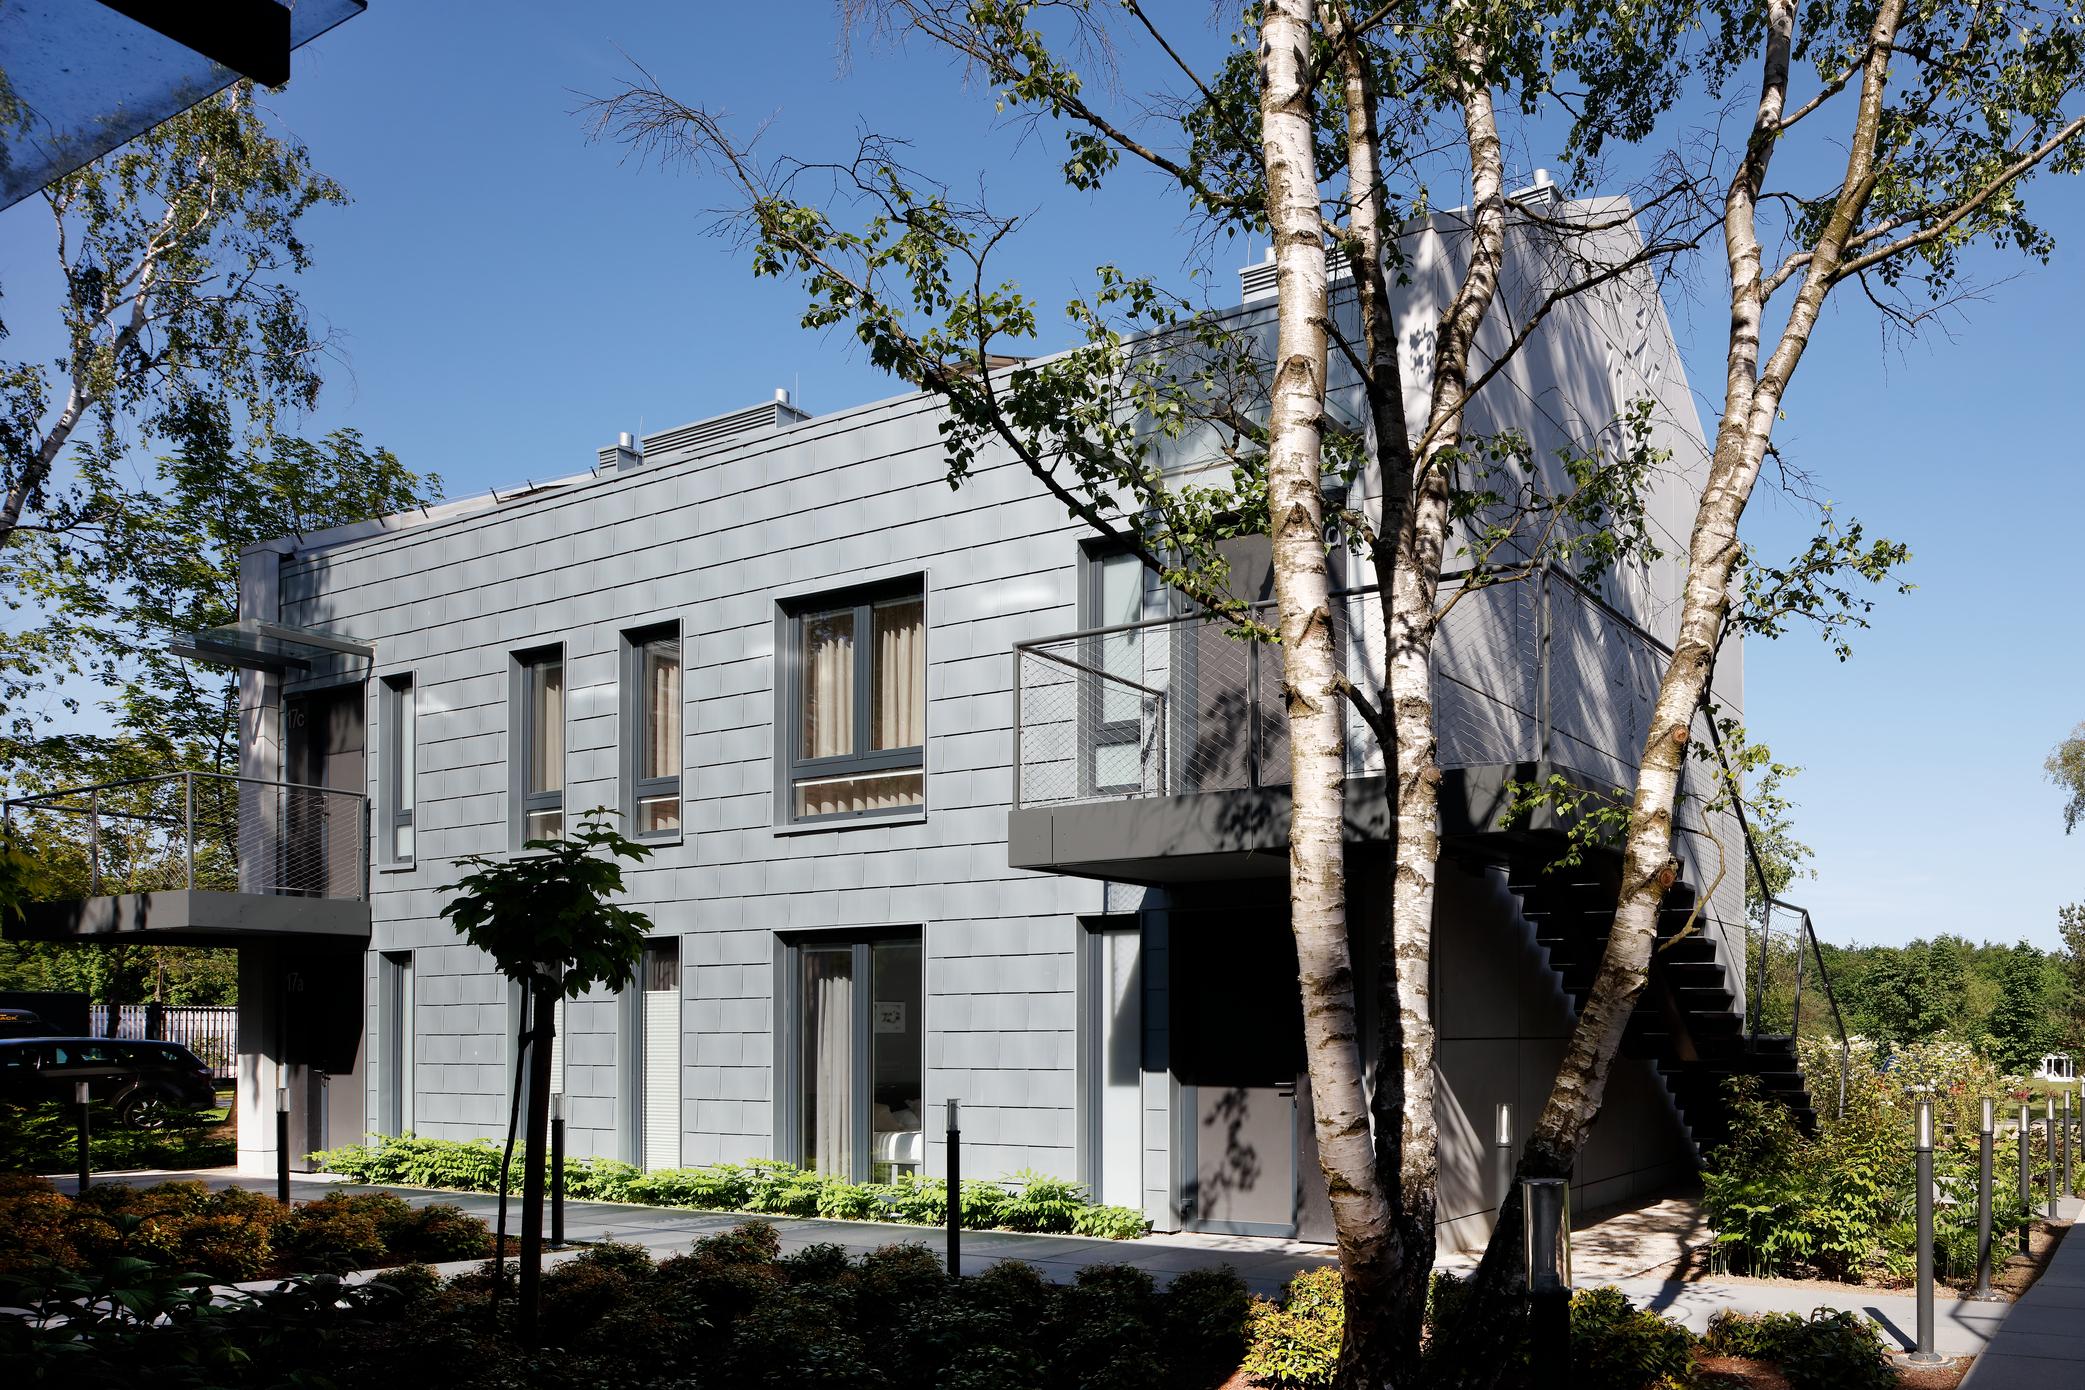 Titano-cinko RHEINZINK yra stogų dangos, fasadai ir lietaus nuvedimo sistemos